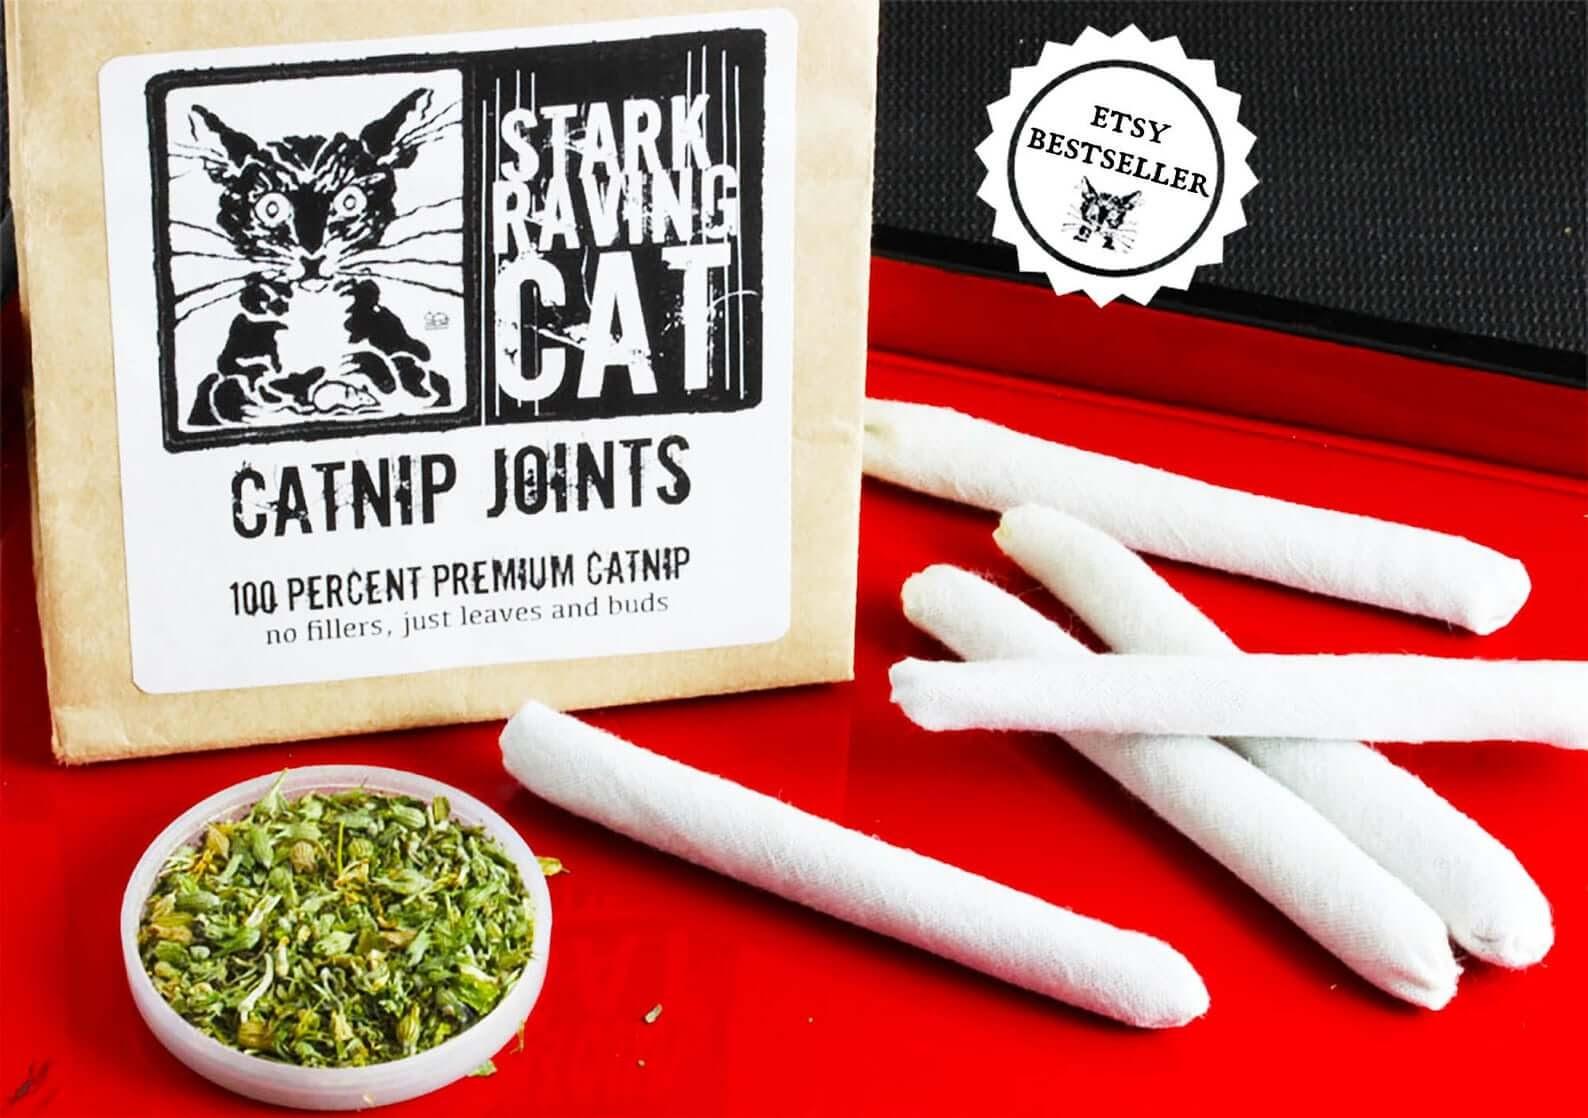 Cat joints